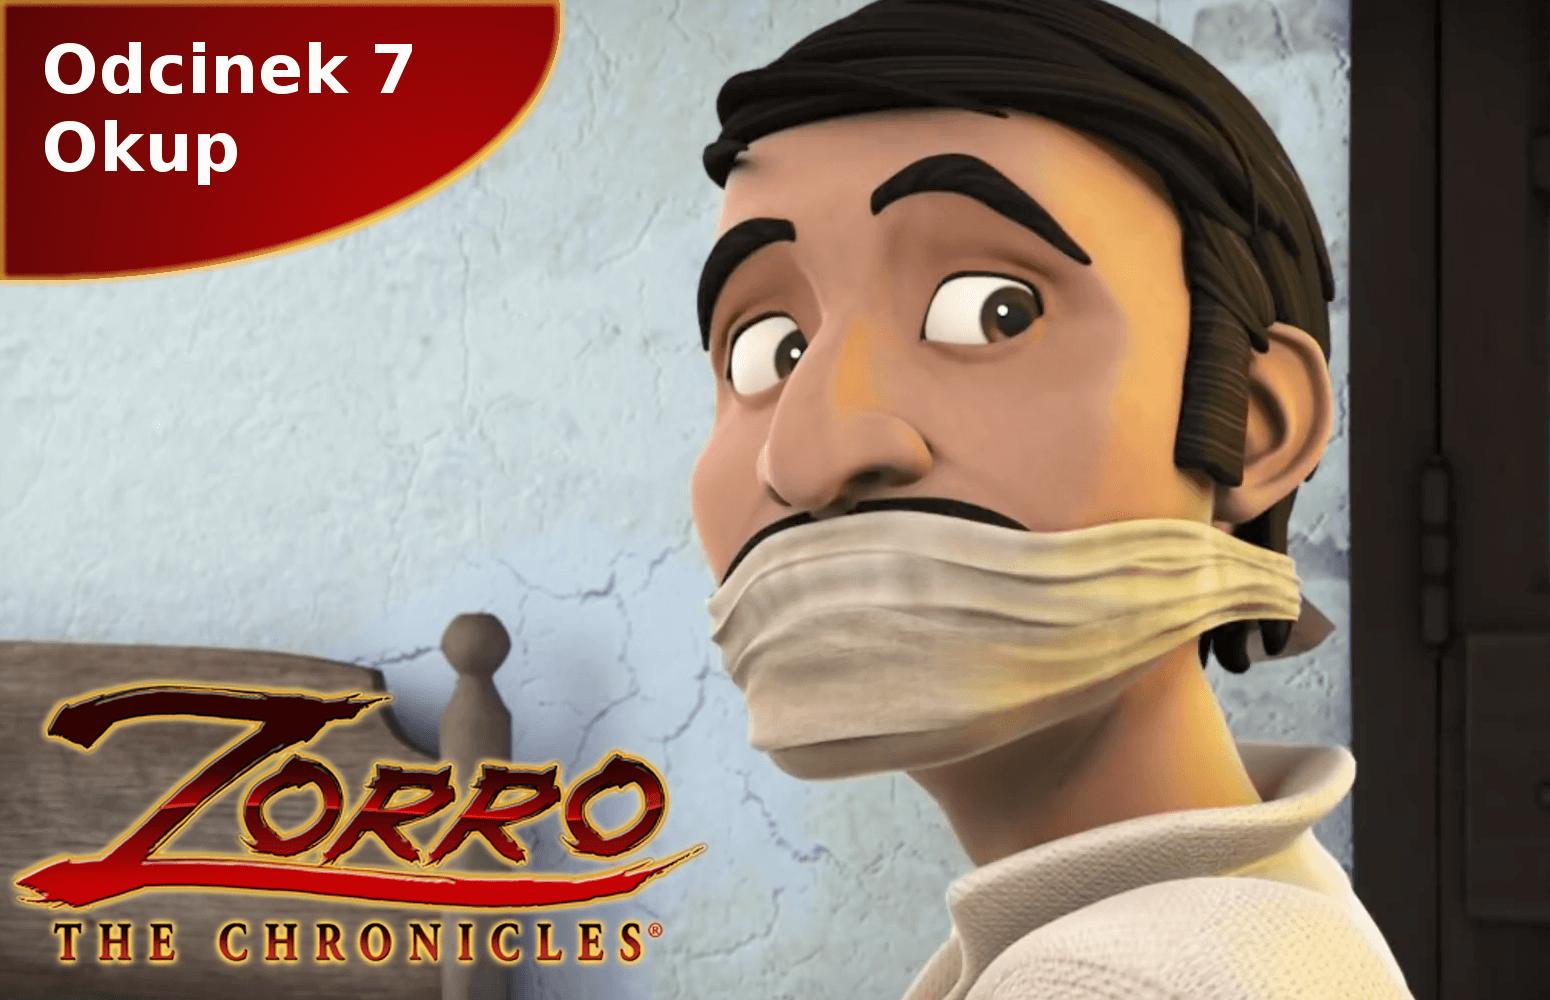 Kroniki Zorro odcinek 7 Okup